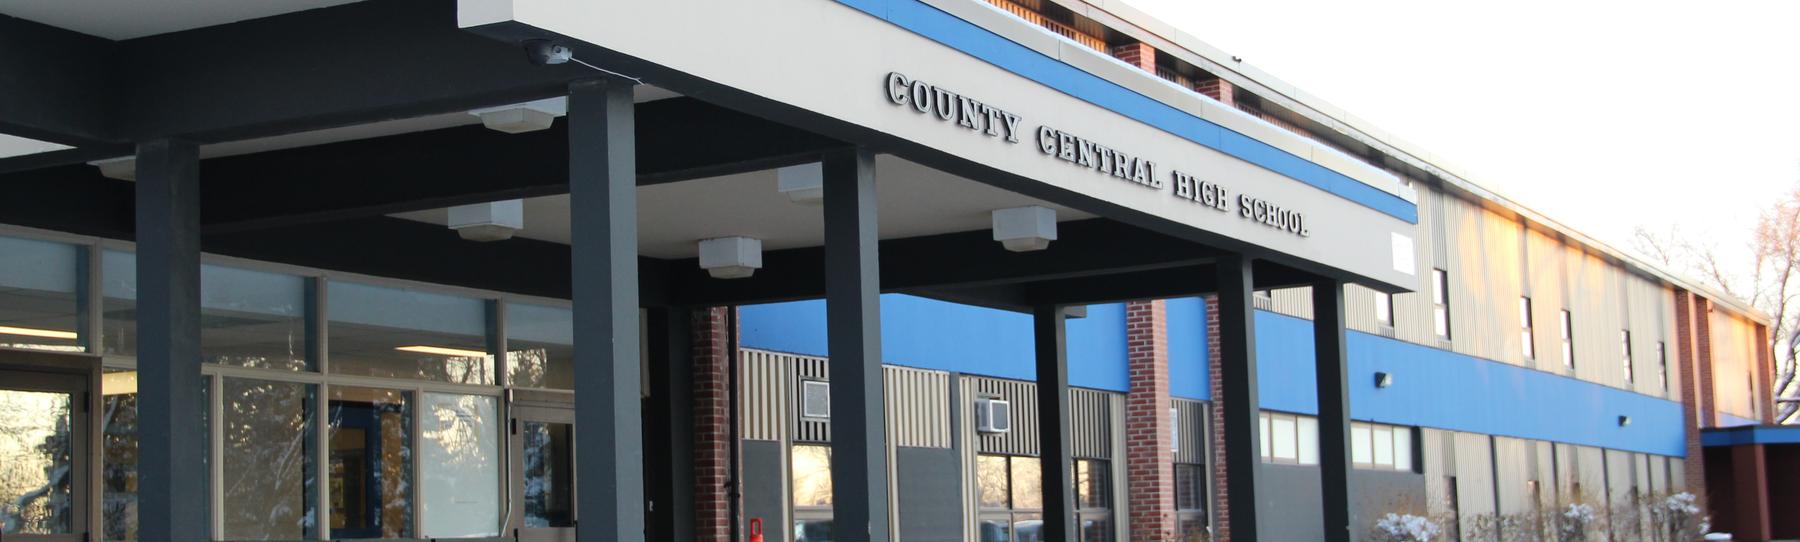 Kết quả hình ảnh cho County Central High School alberta